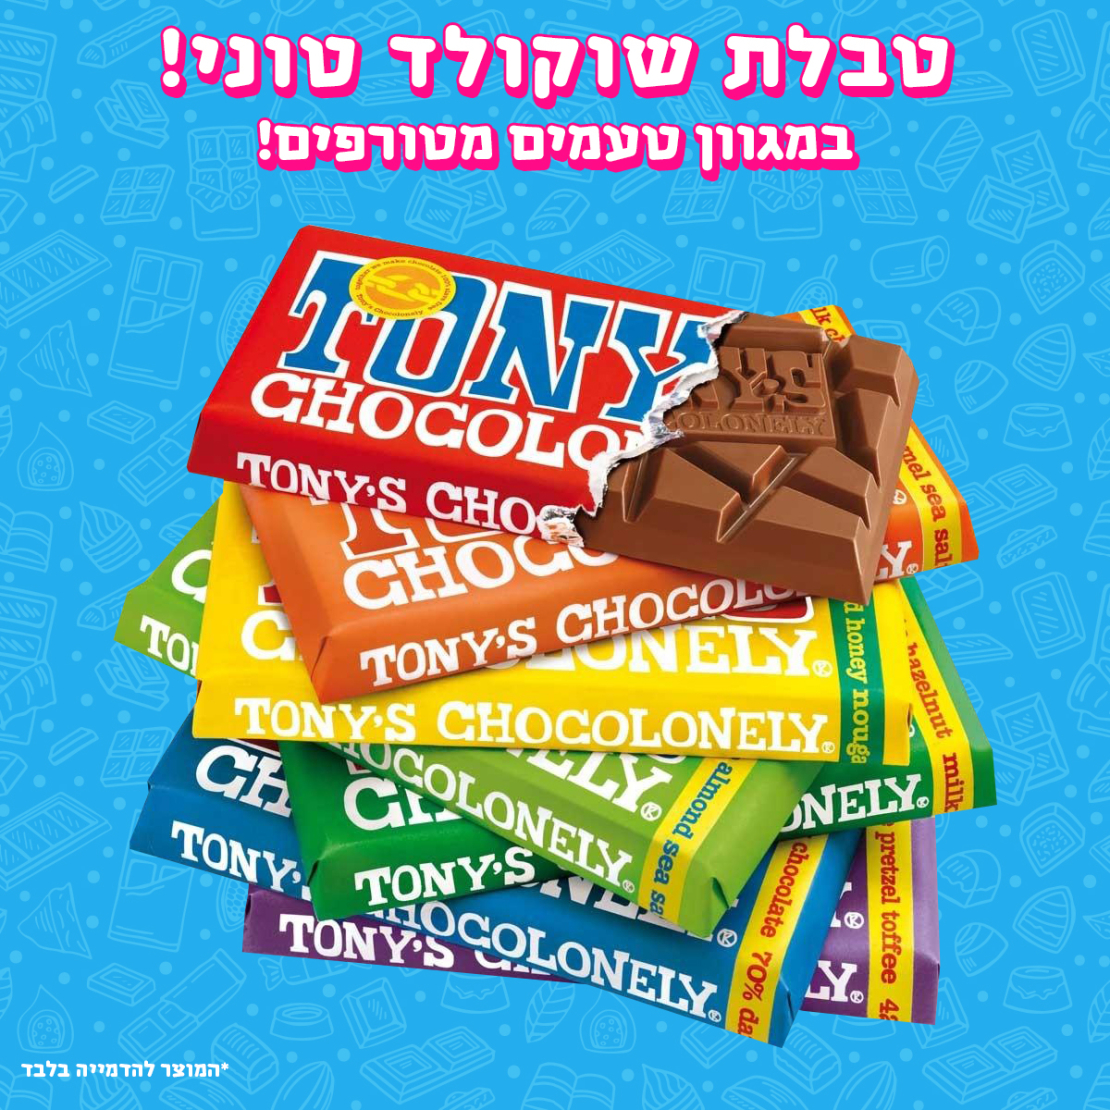 טבלאות שוקולד טוני - Tony's Chocolonely